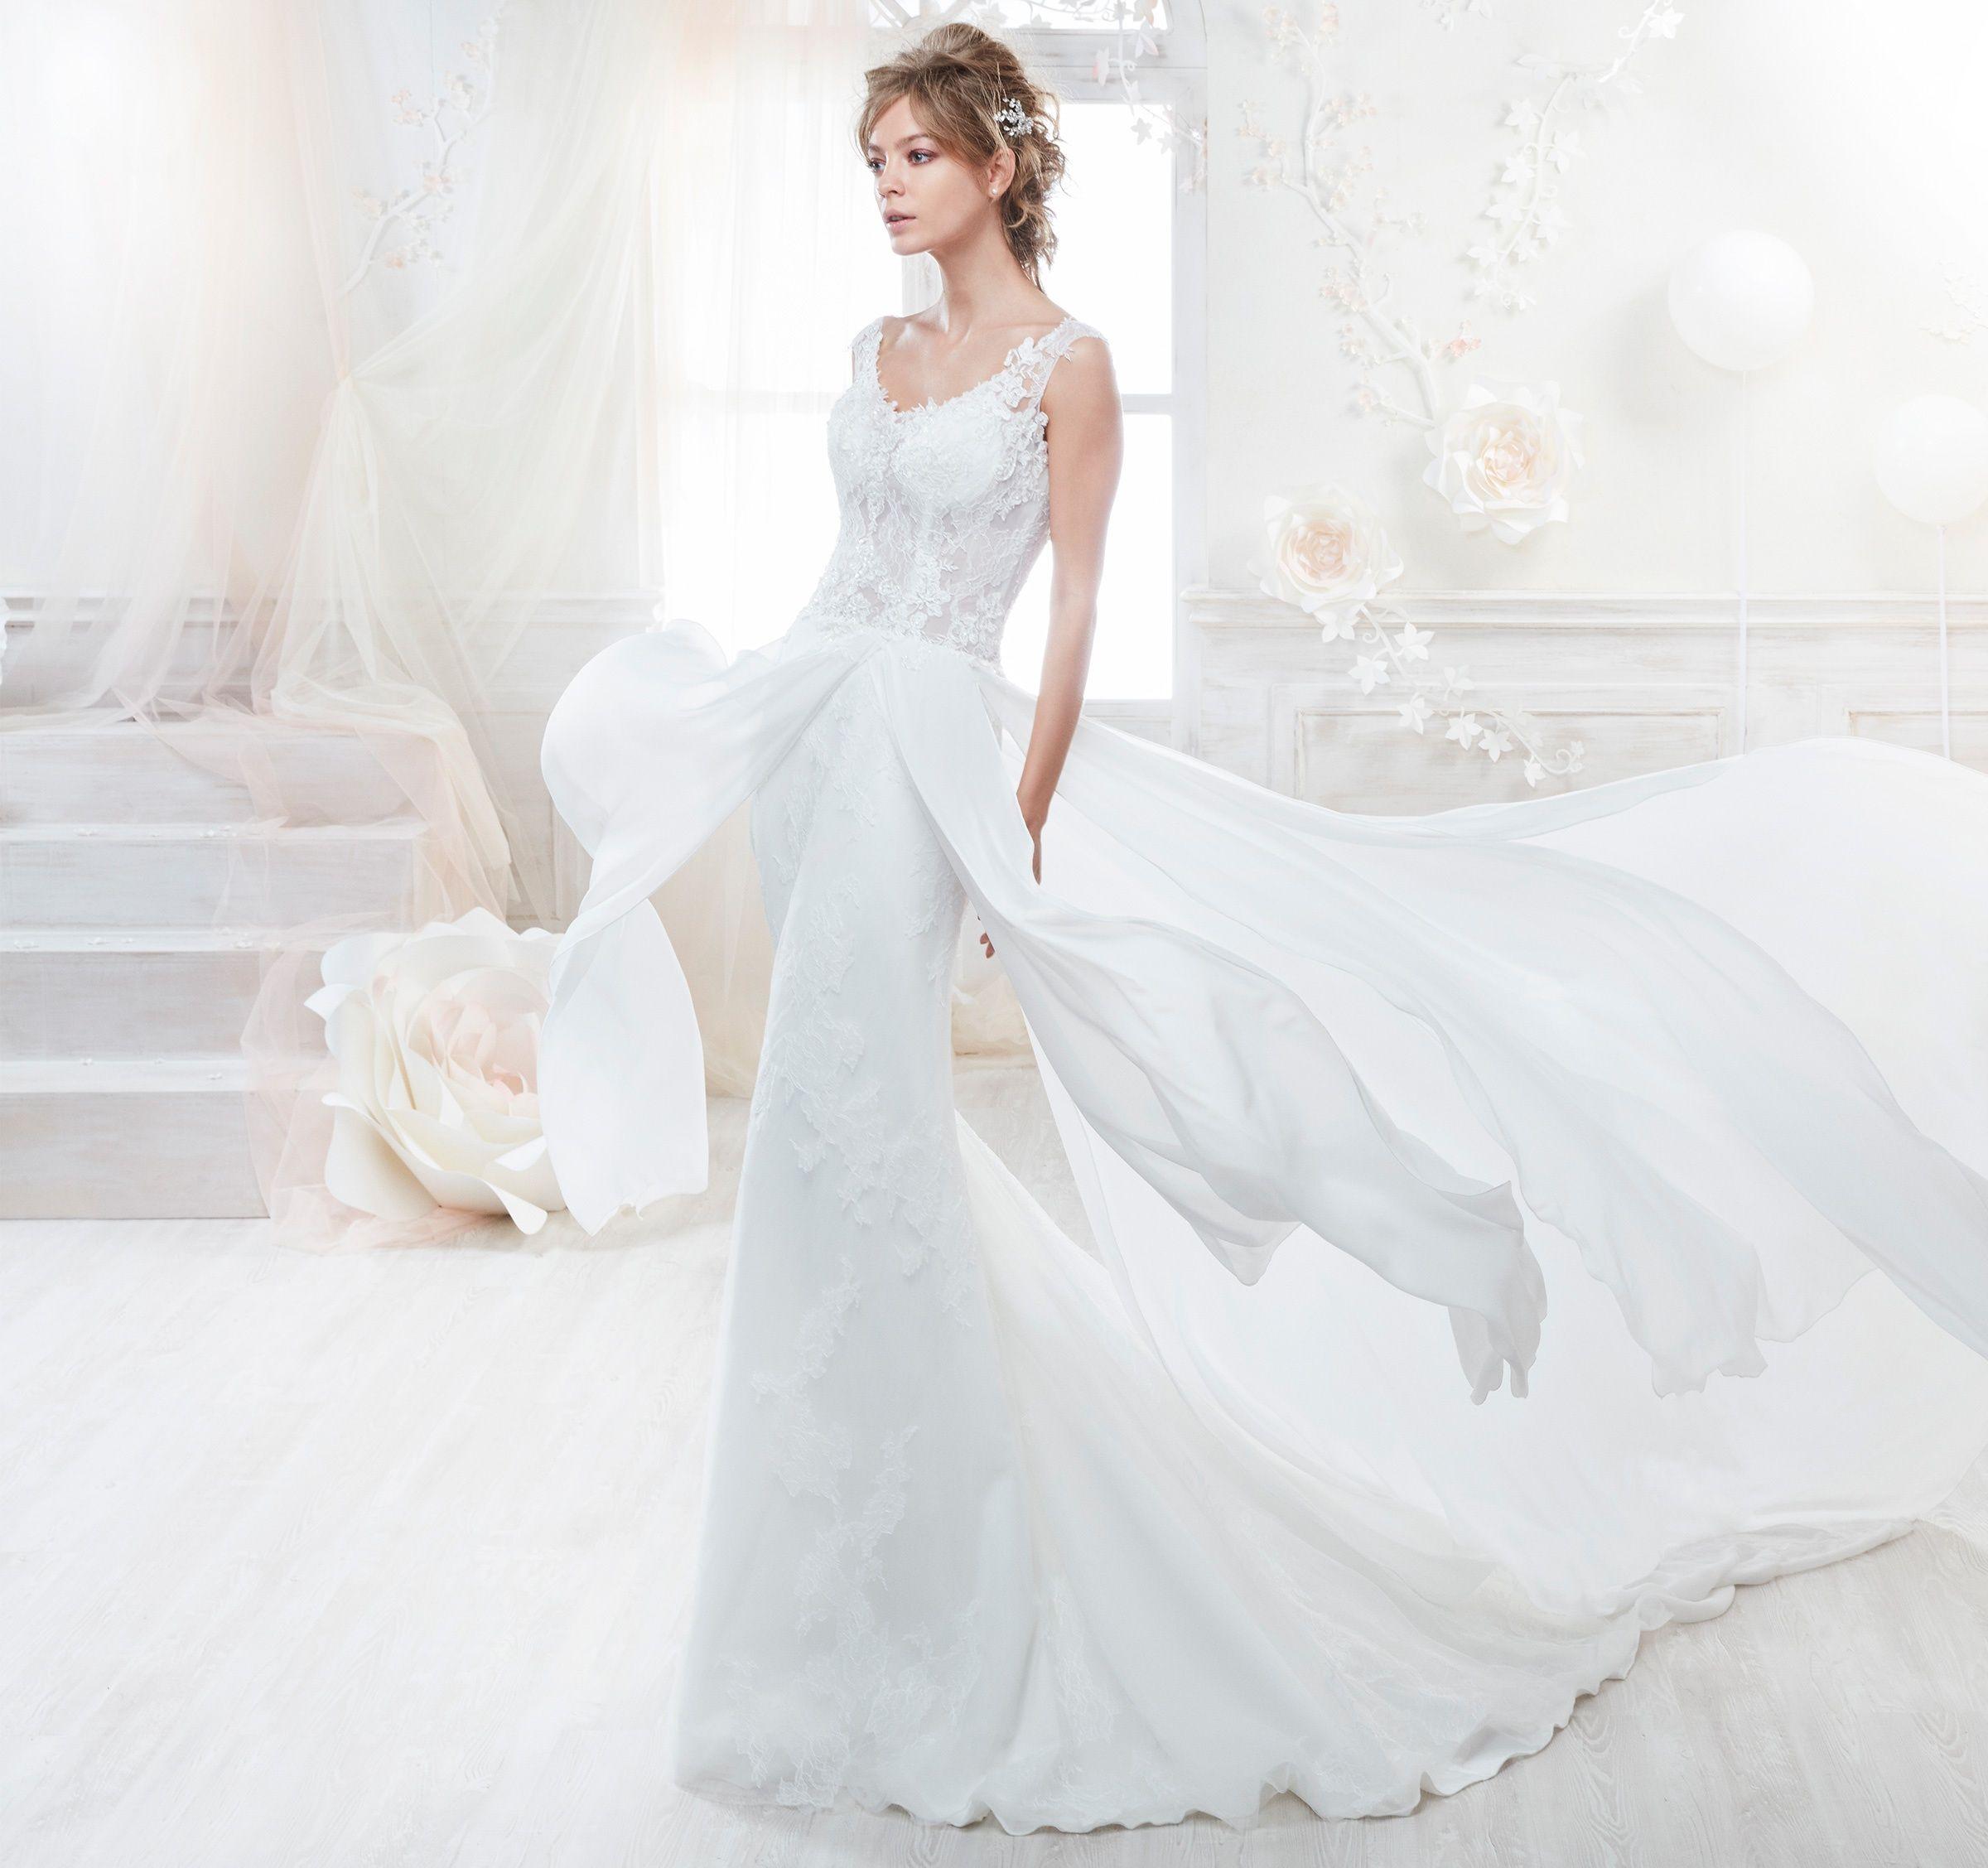 Moda sposa collezione colet coab abito da sposa nicole